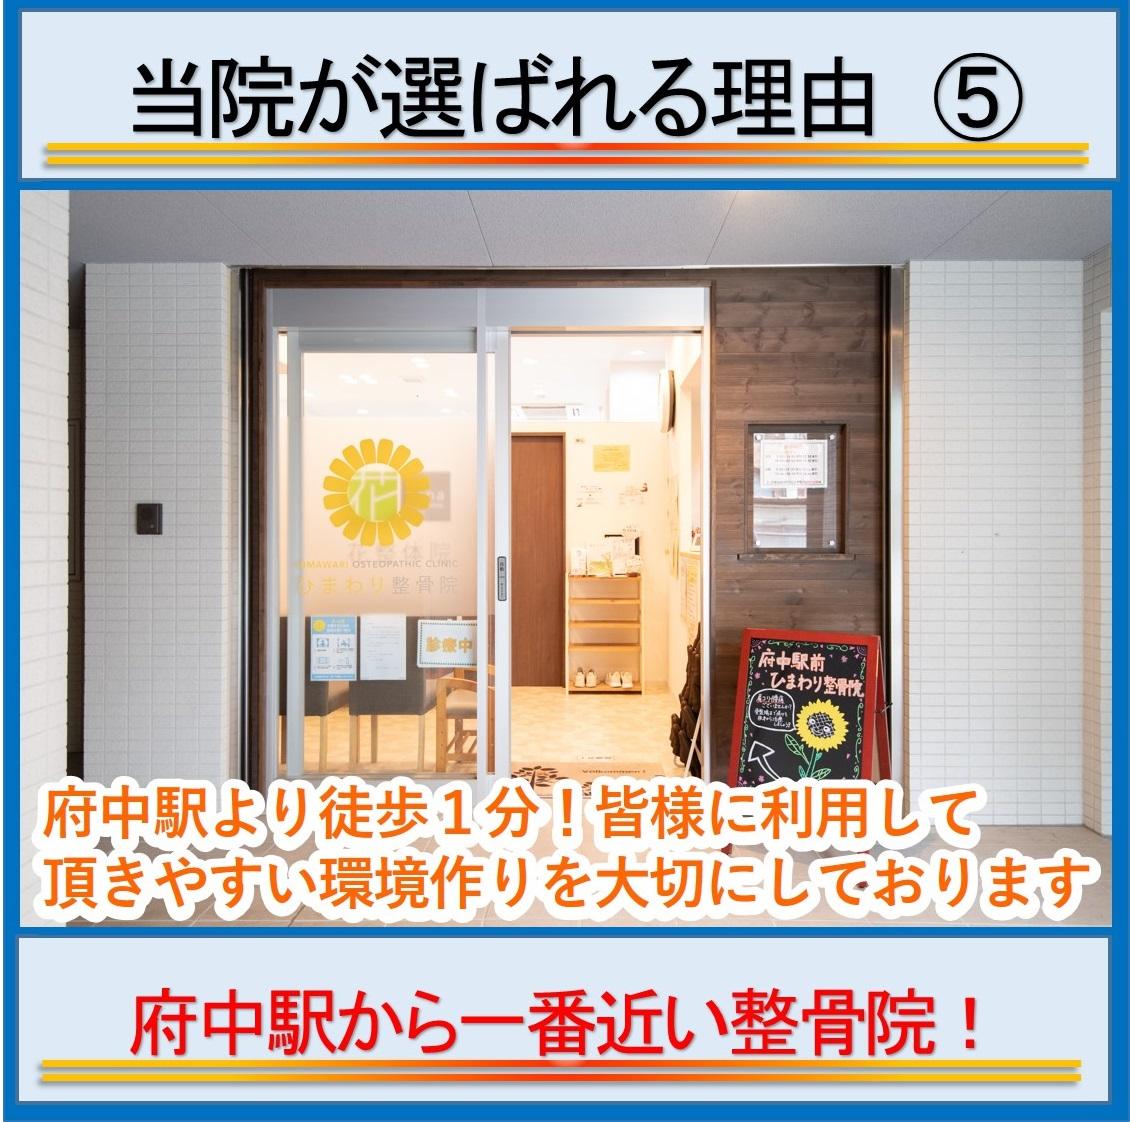 アクセス抜群!府中駅から一番近い整骨院です